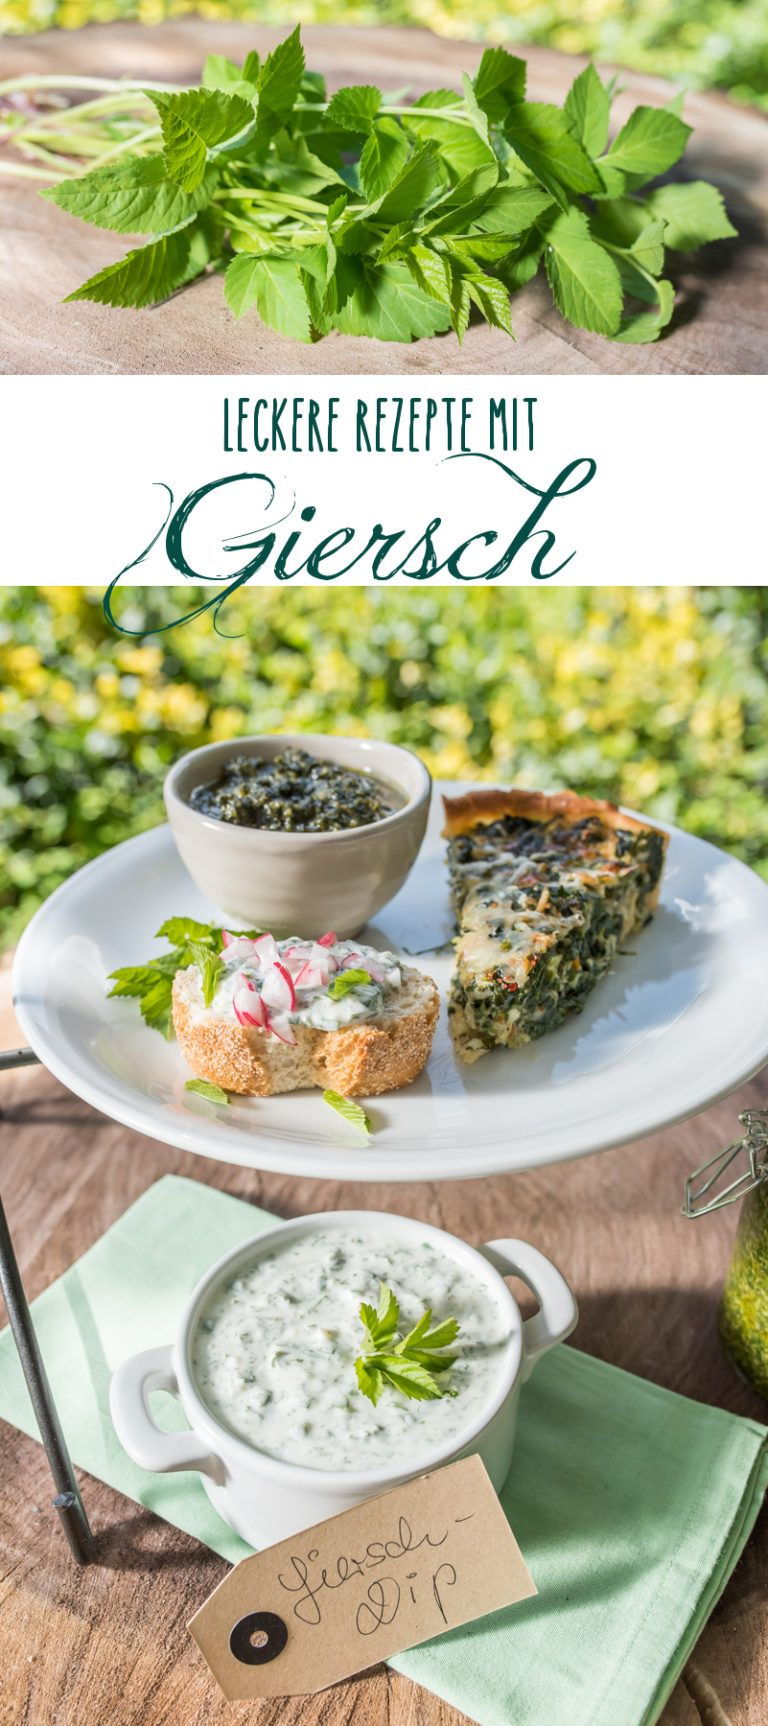 5471f8e22c618dc3752a9d0bb75e114f - Giersch Rezepte